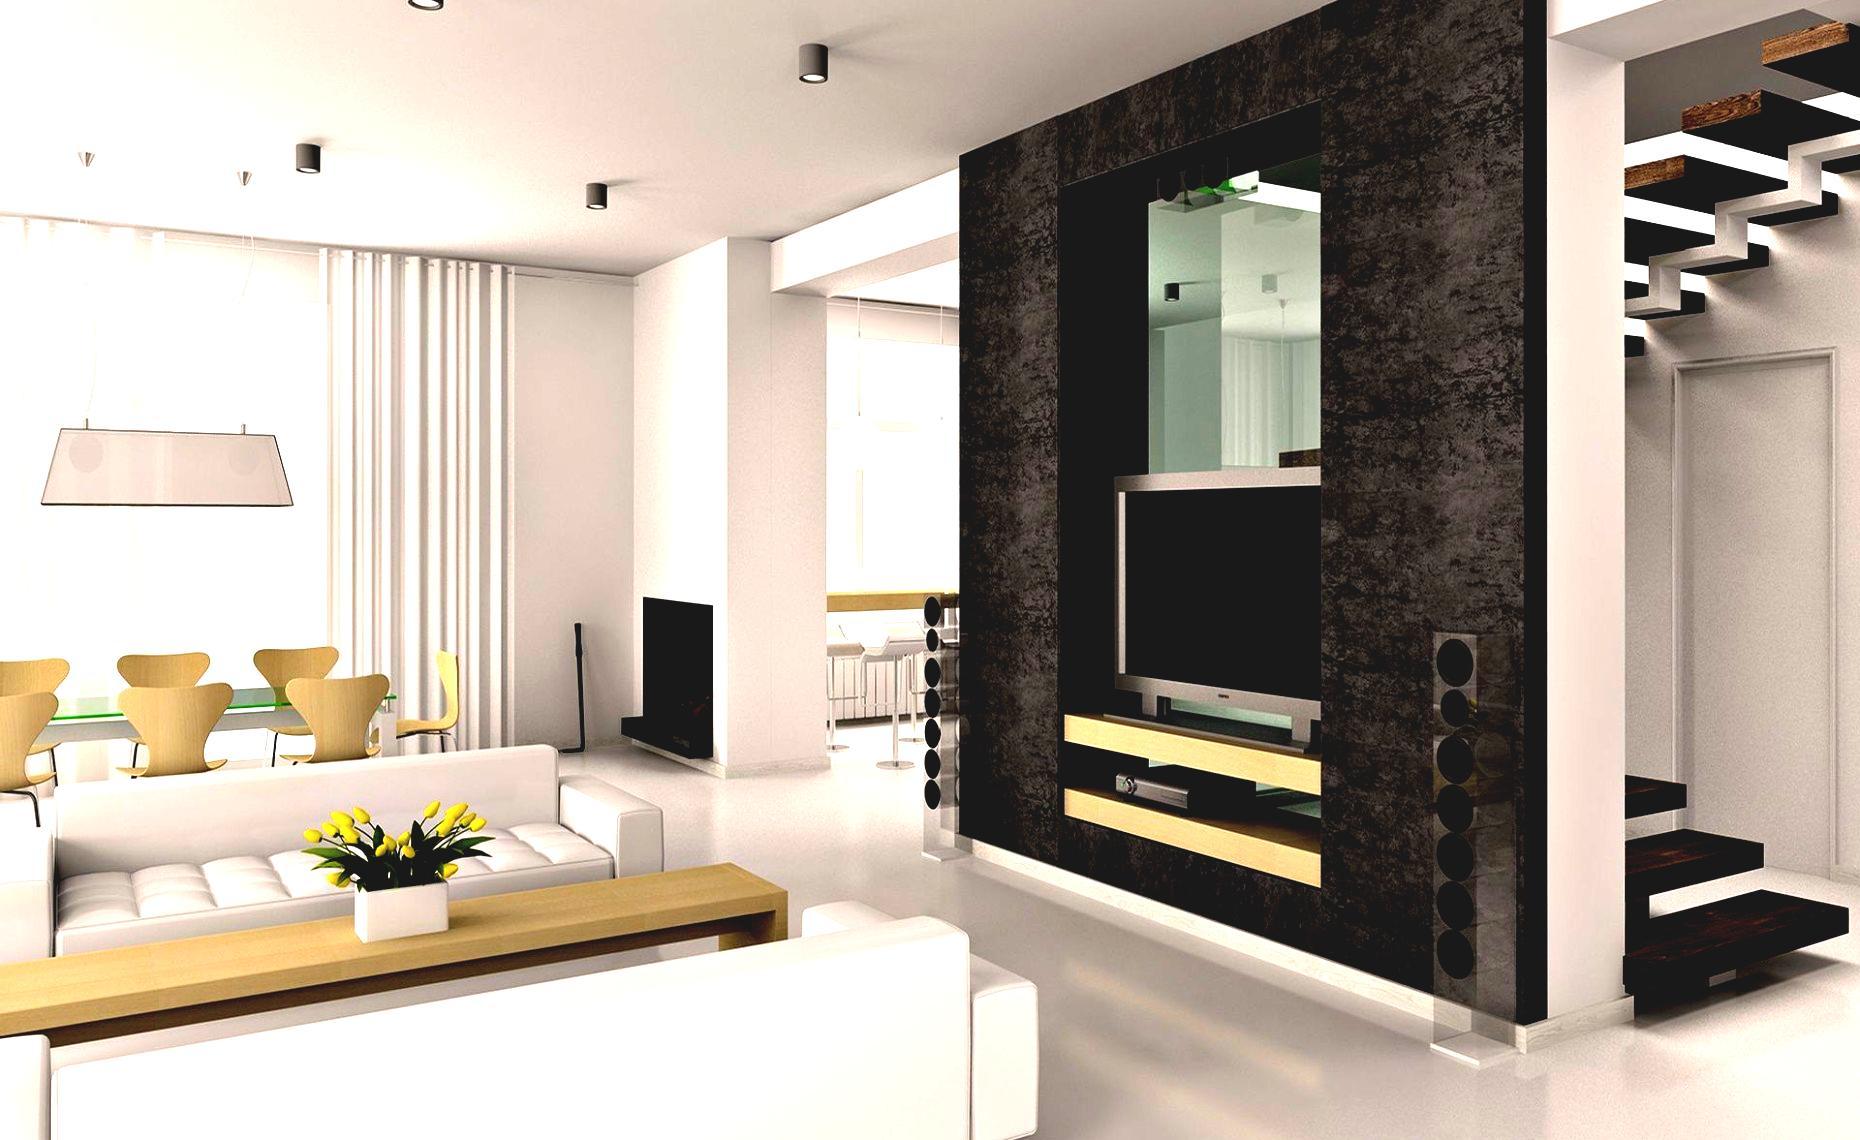 Стили и дизайн интерьера квартир